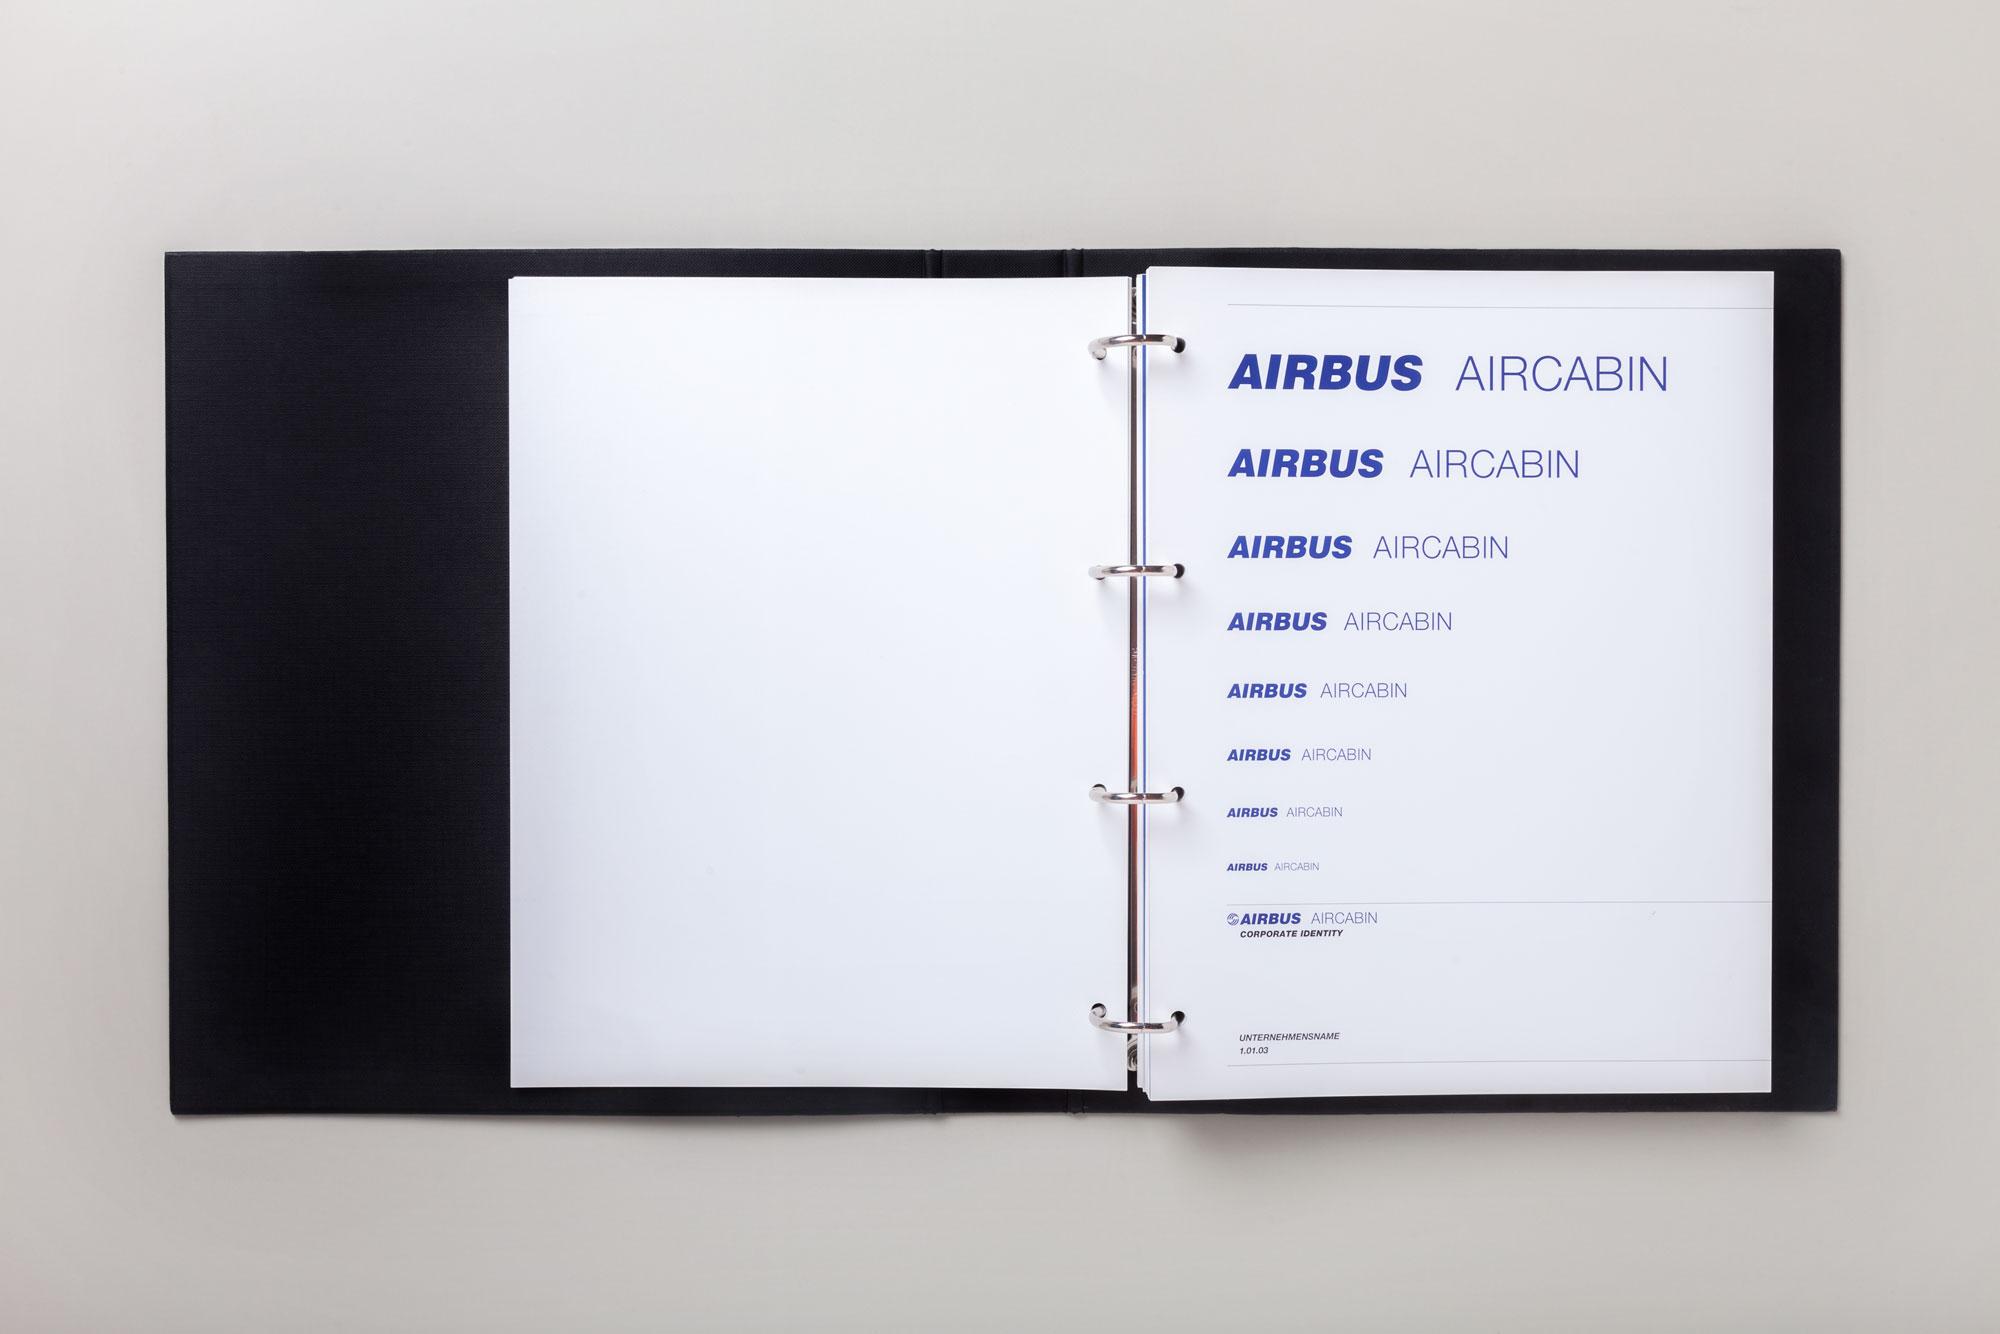 75a hat das Corporate Design für Airbus Aircabin Deutschland gestaltet